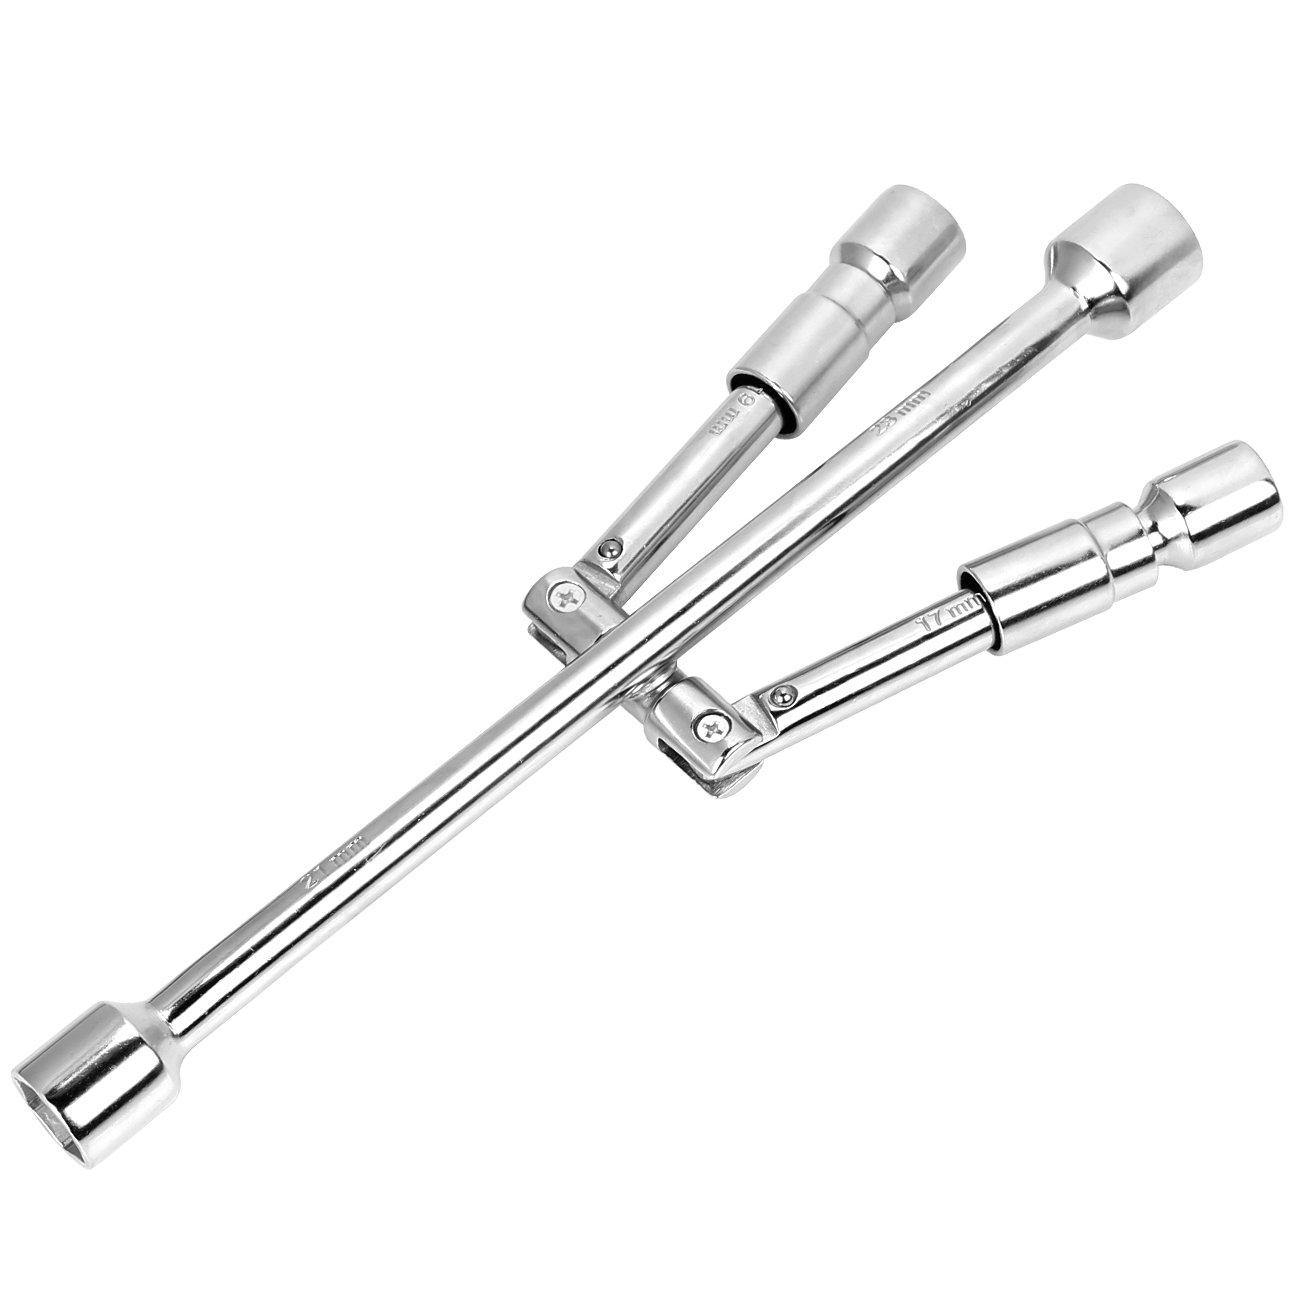 TONDA 14' Folding Lug Wrench 4-Way Cross Wrench 17, 19, 21, 23mm Jiaxing Datong Machinery Co. Ltd